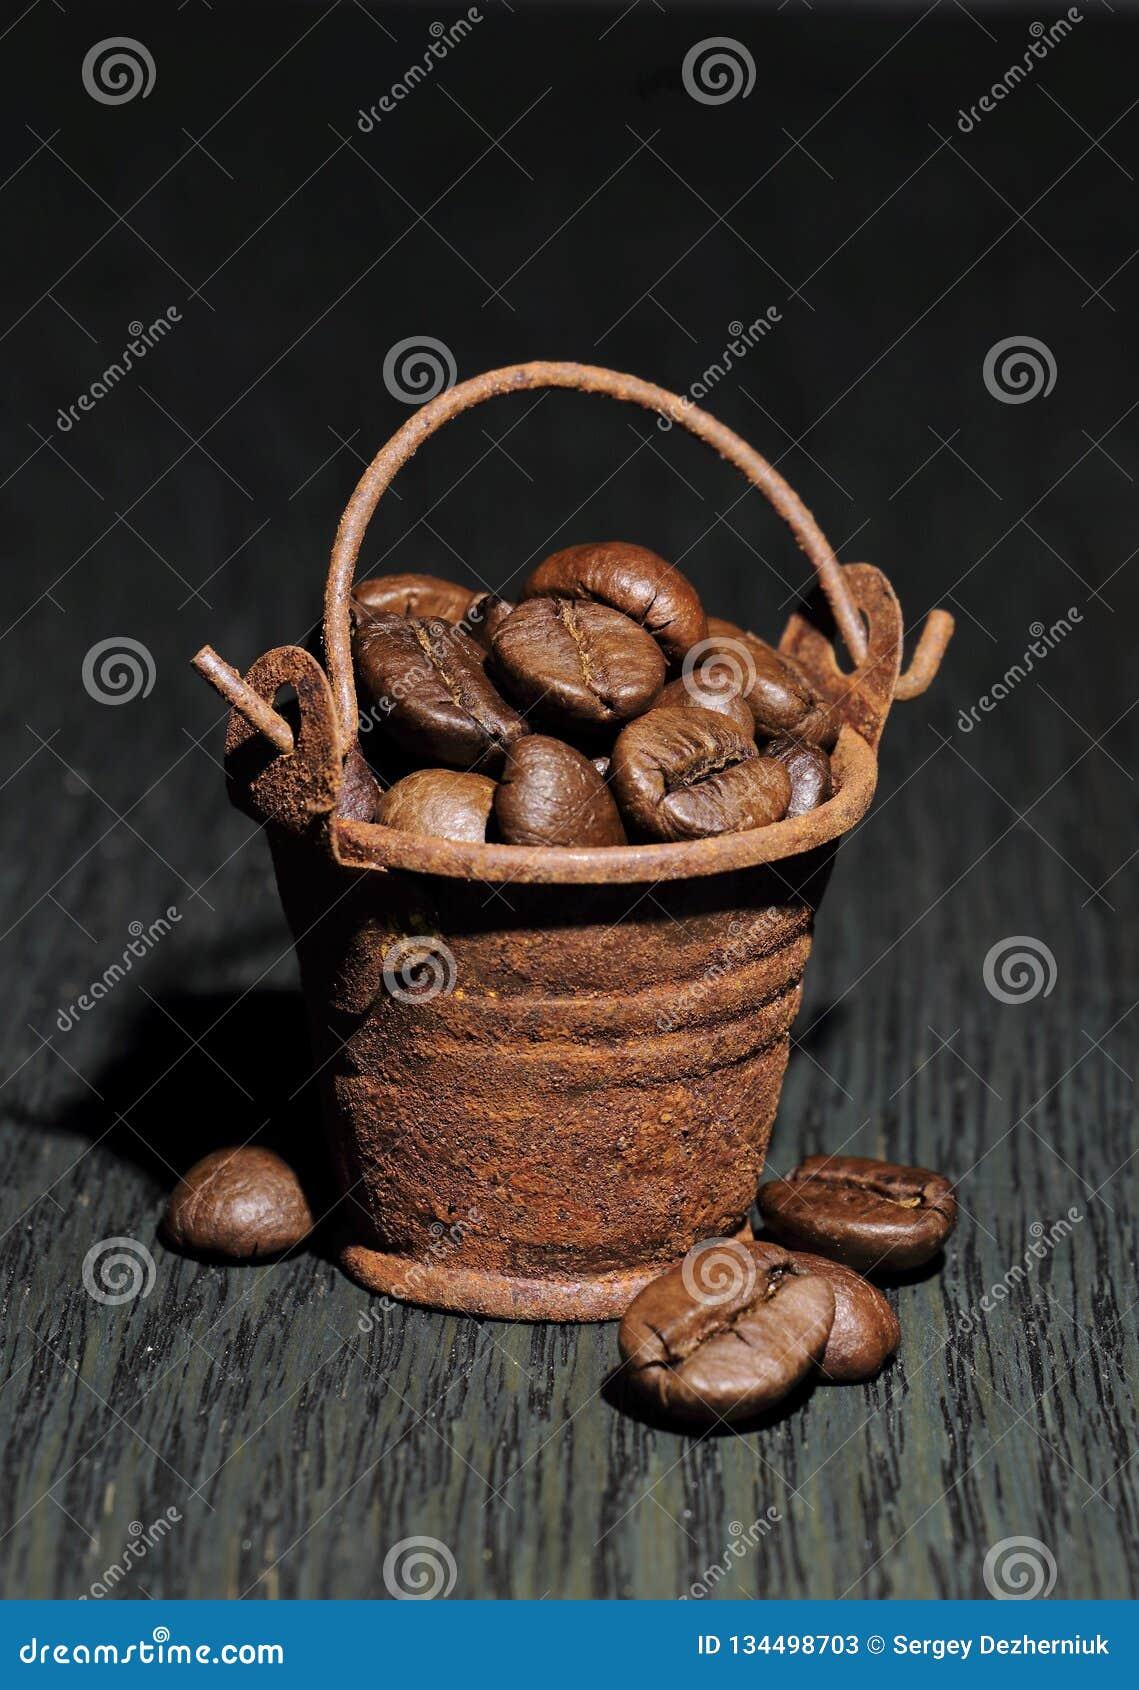 Feijões de café em uma cubeta oxidada pequena em um backgroun escuro